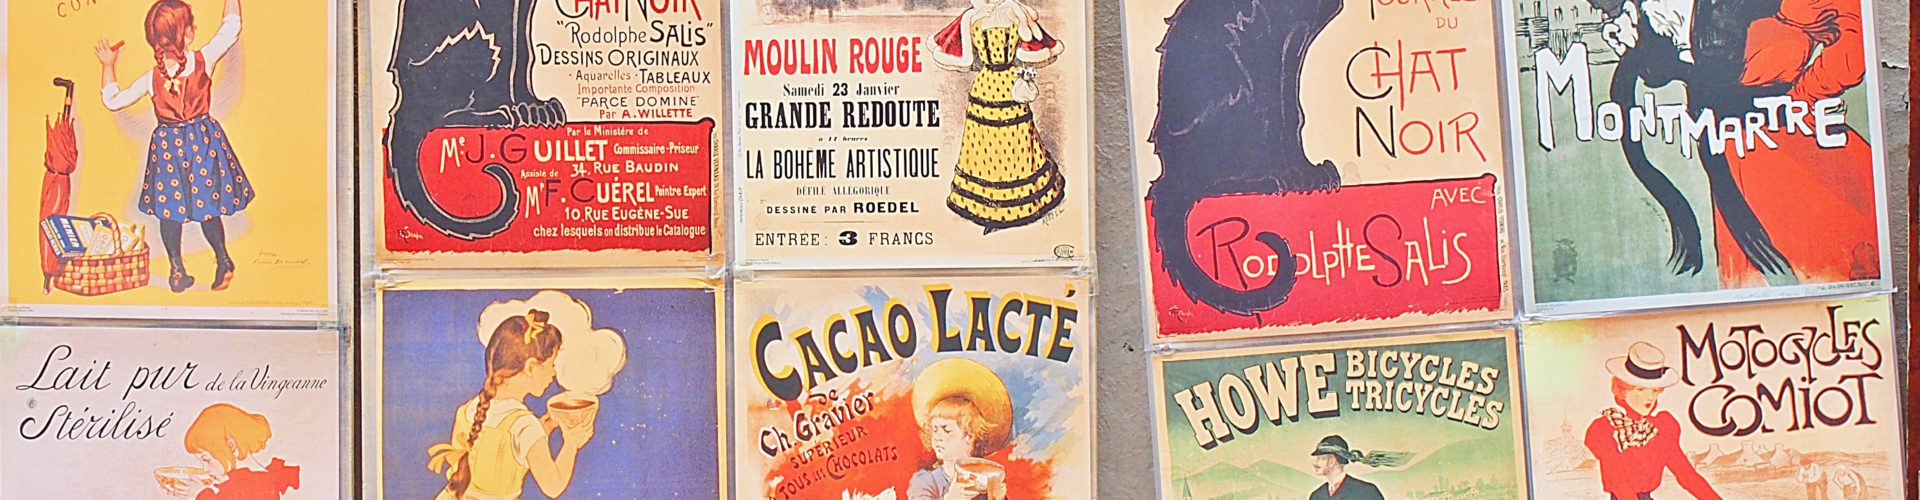 Montmartre – nejromantičtější kout Paříže